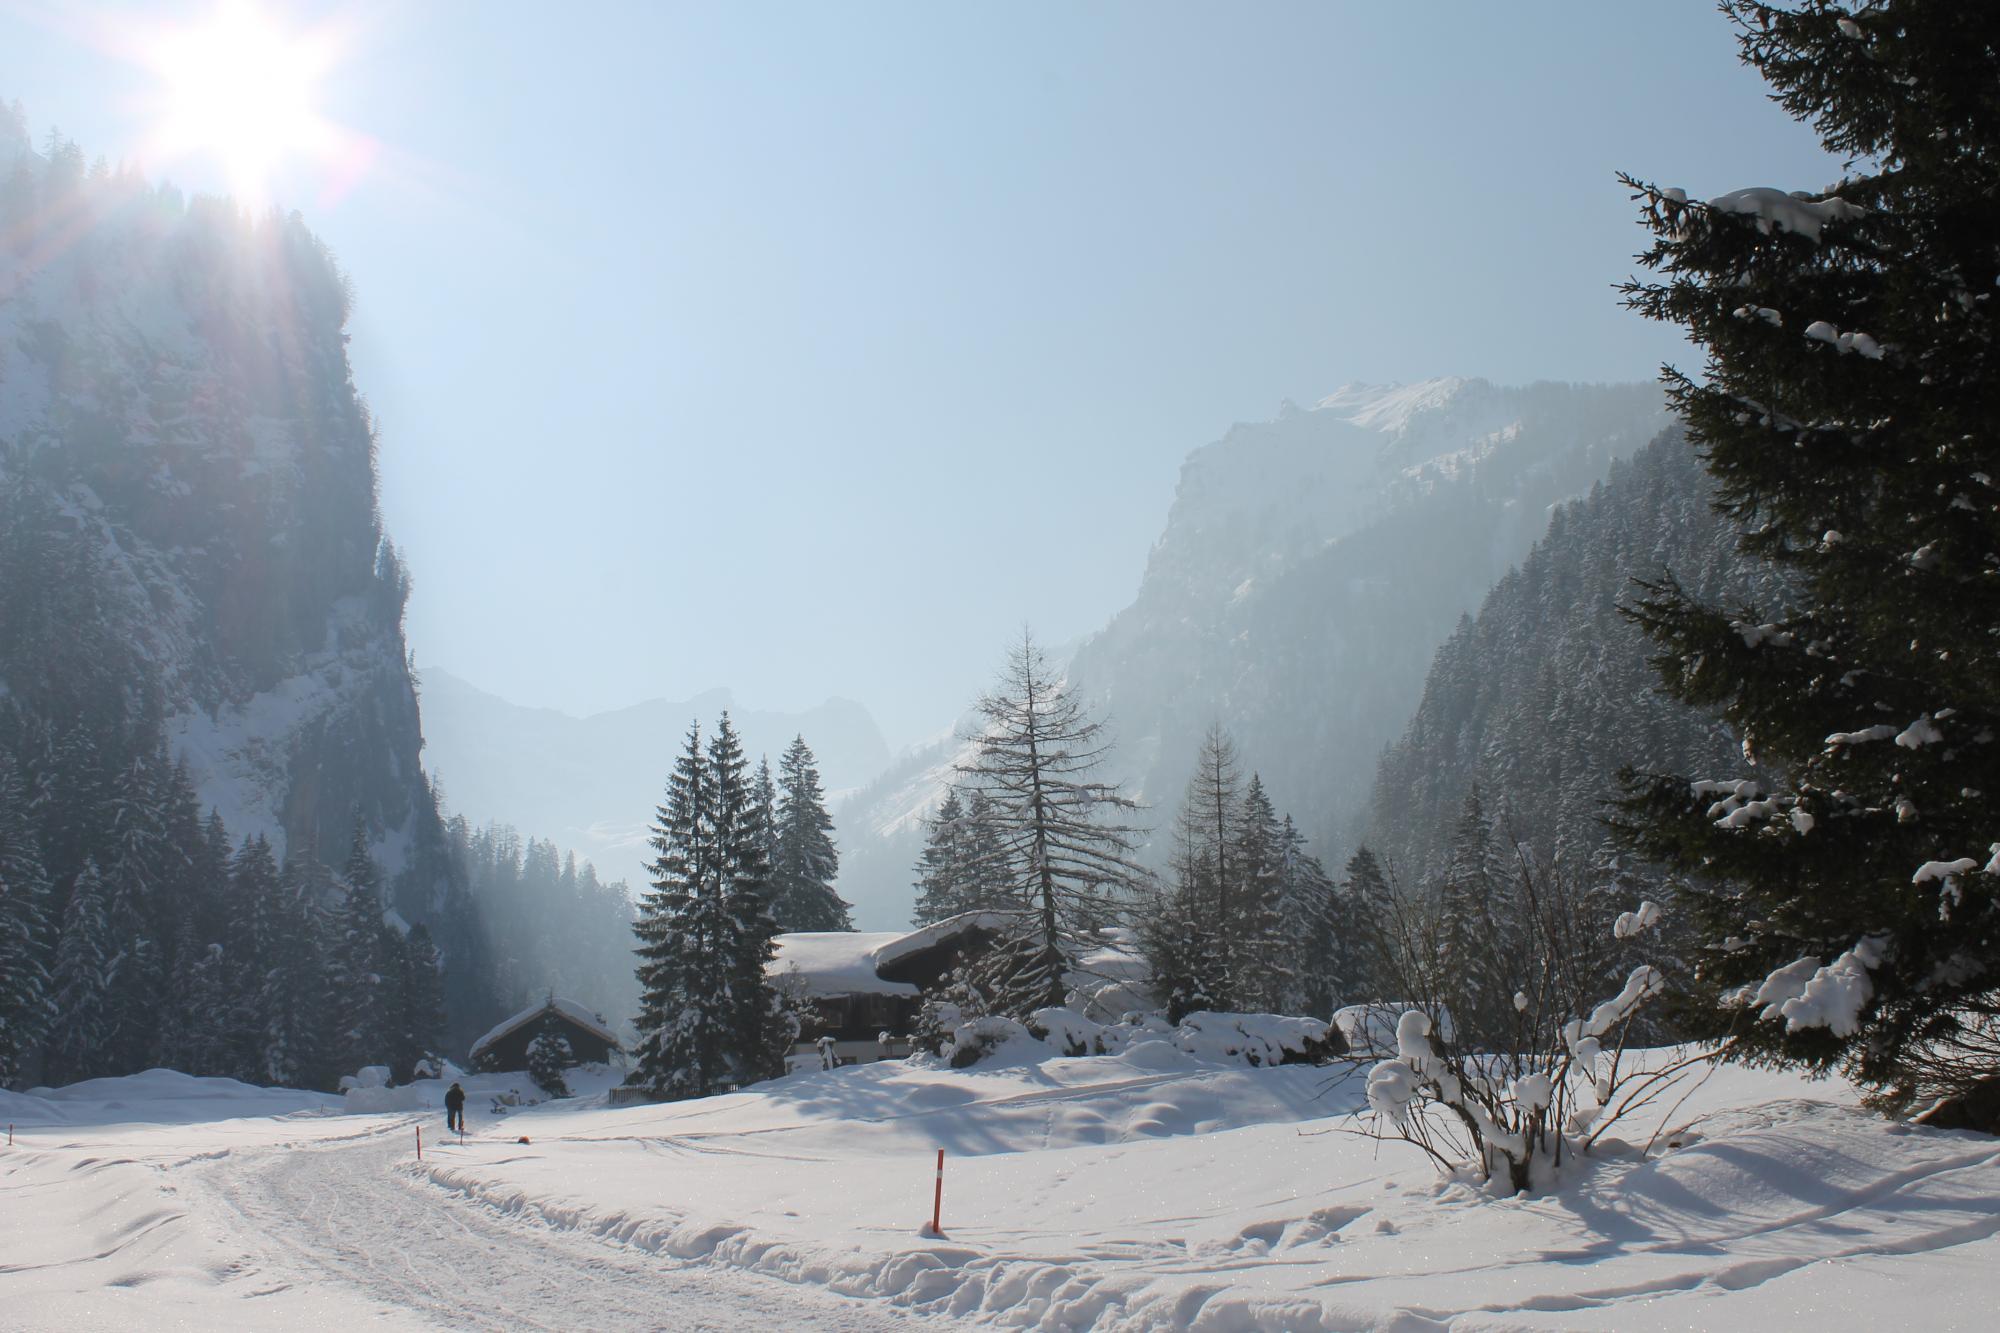 Pont-de-Nant - Villars-Gryon – Les Diablerets – Bex (Switzerland)